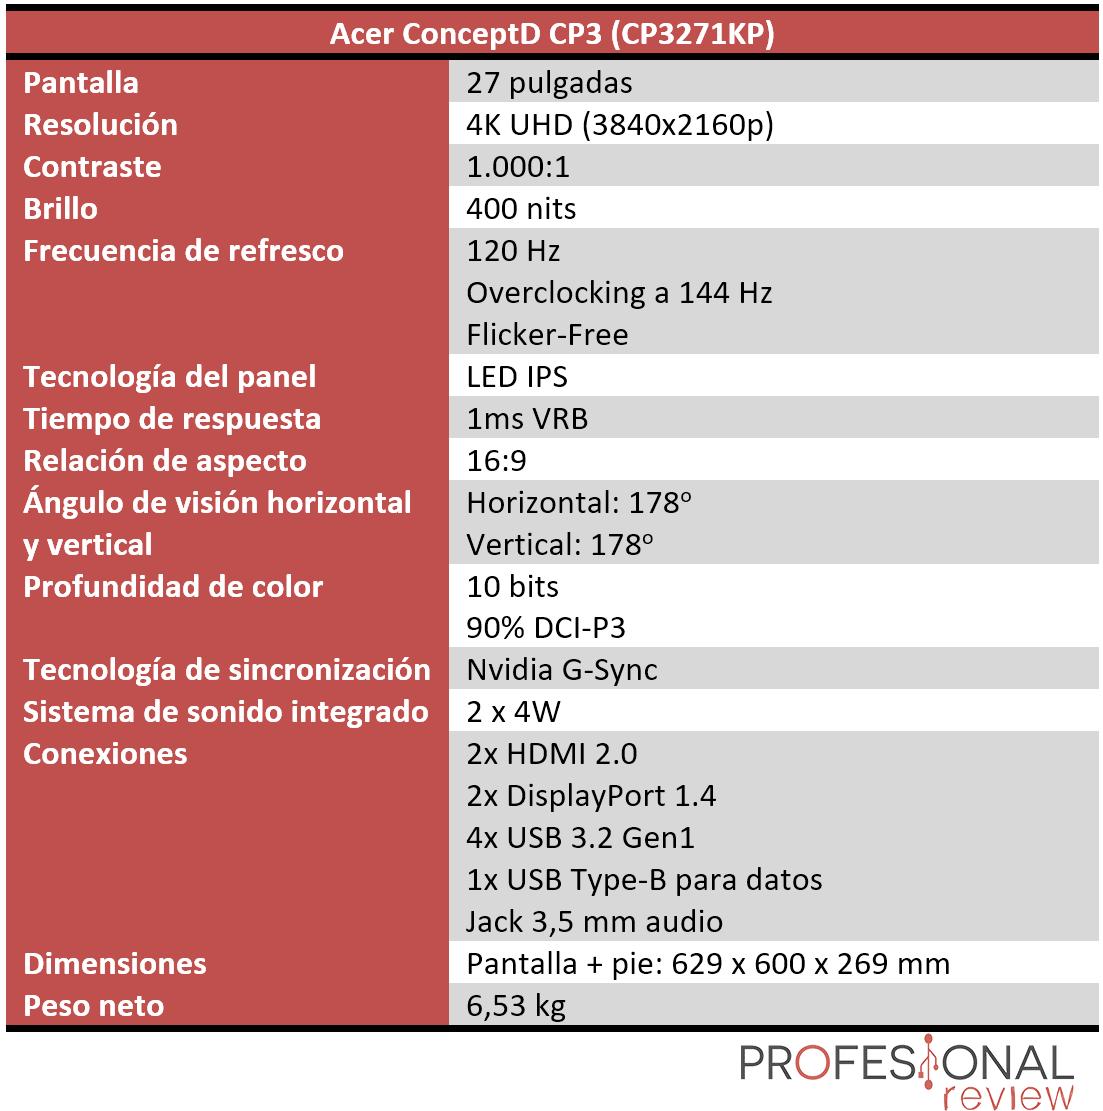 Acer ConceptD CP3 Características